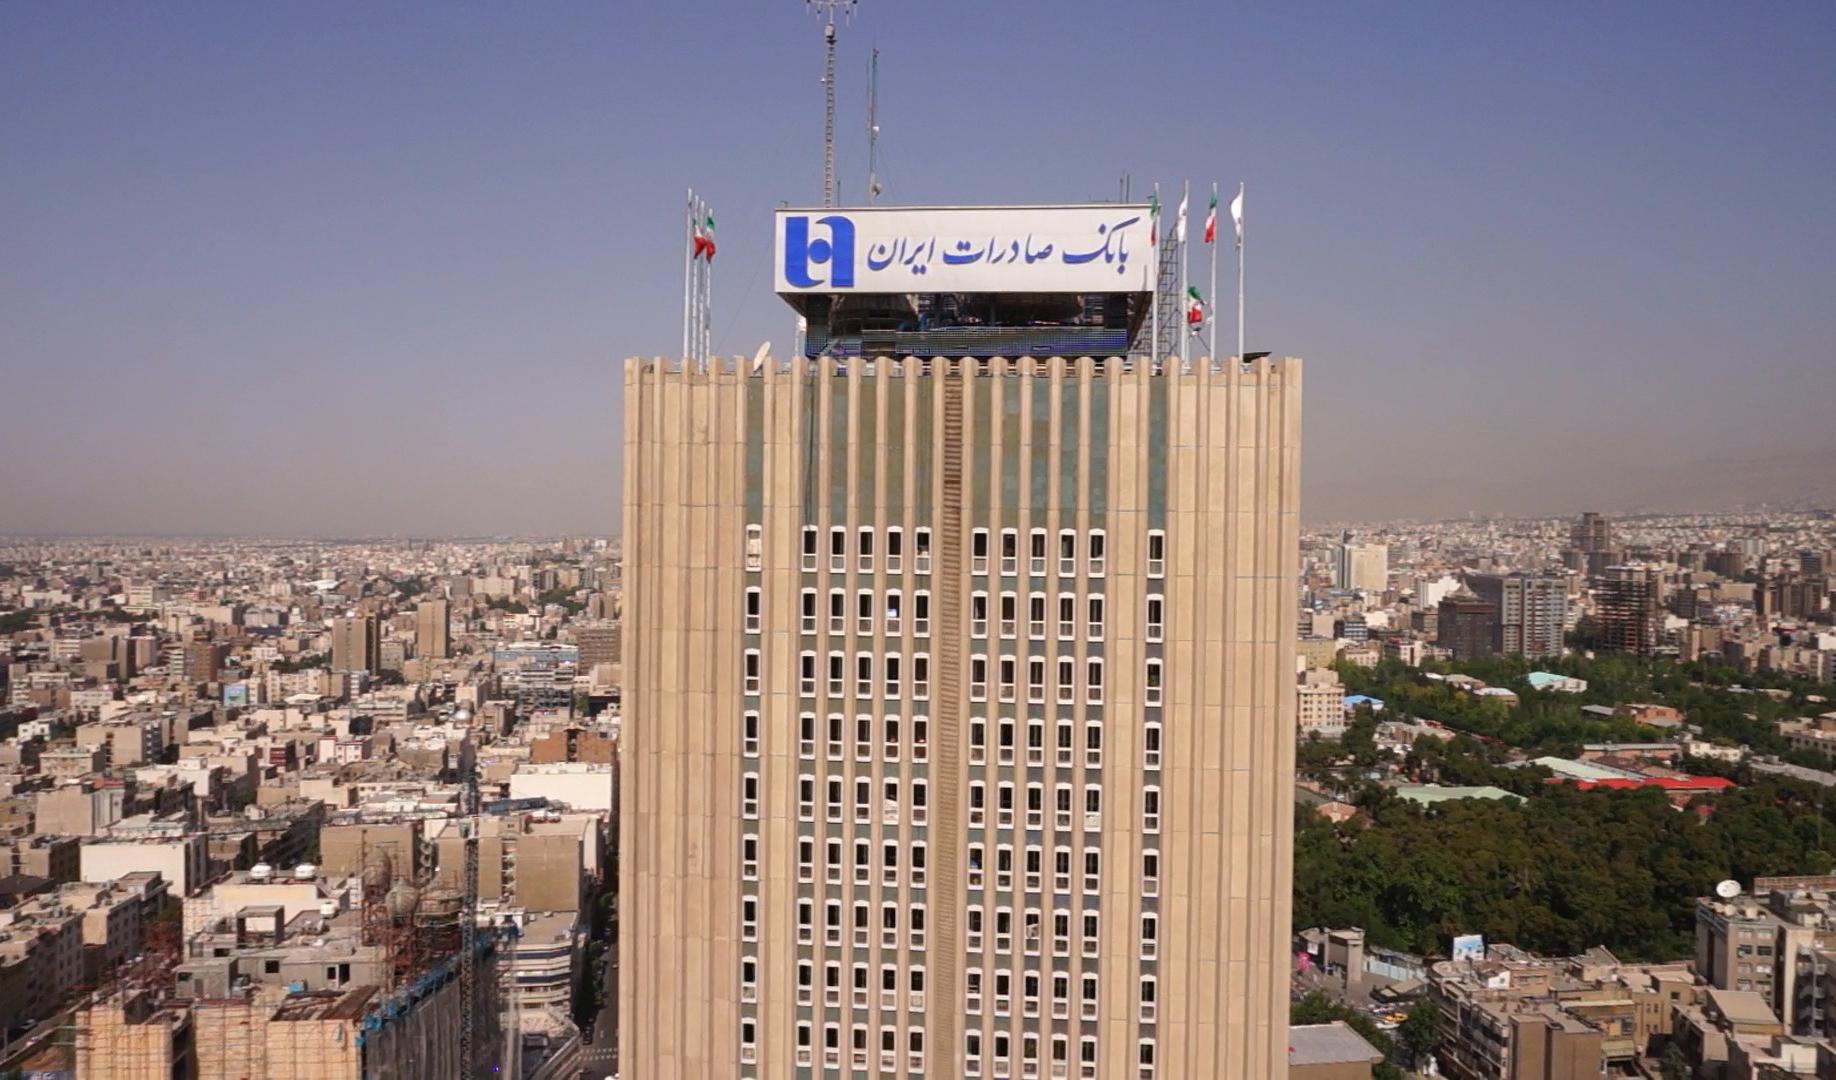 سامانه درخواست تعویق سه ماهه اقساط تسهیلات توسط بانک صادرات ایران